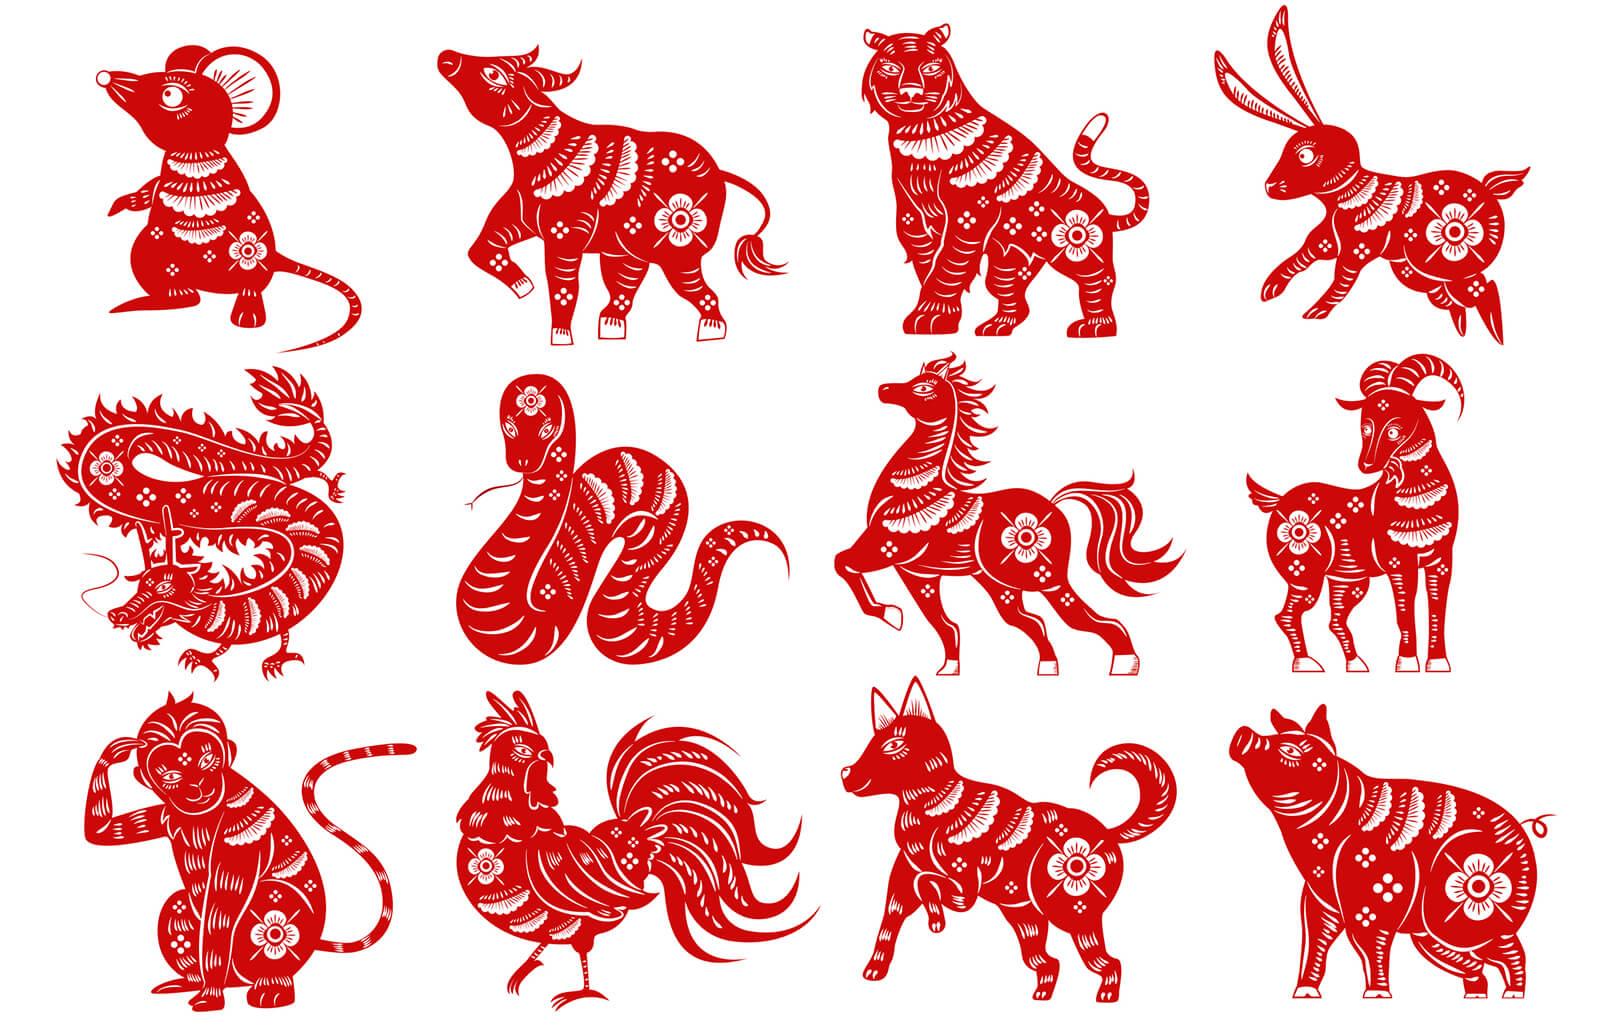 Kineski ljubavni horoskop za 2020.!